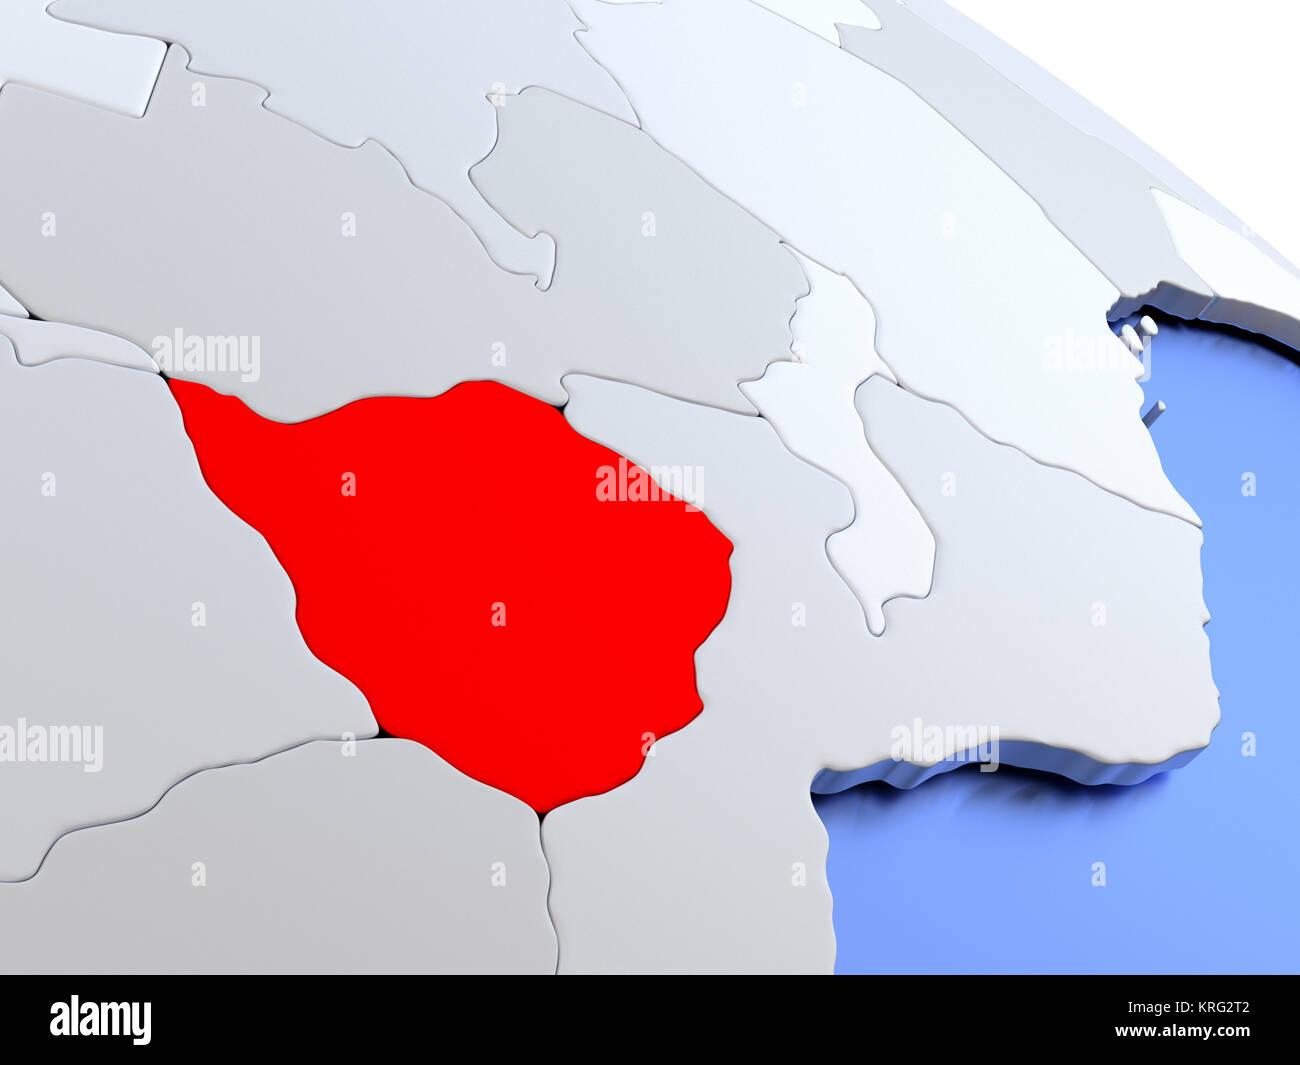 Zimbabwe On World Map Stock Photo 169383874 Alamy